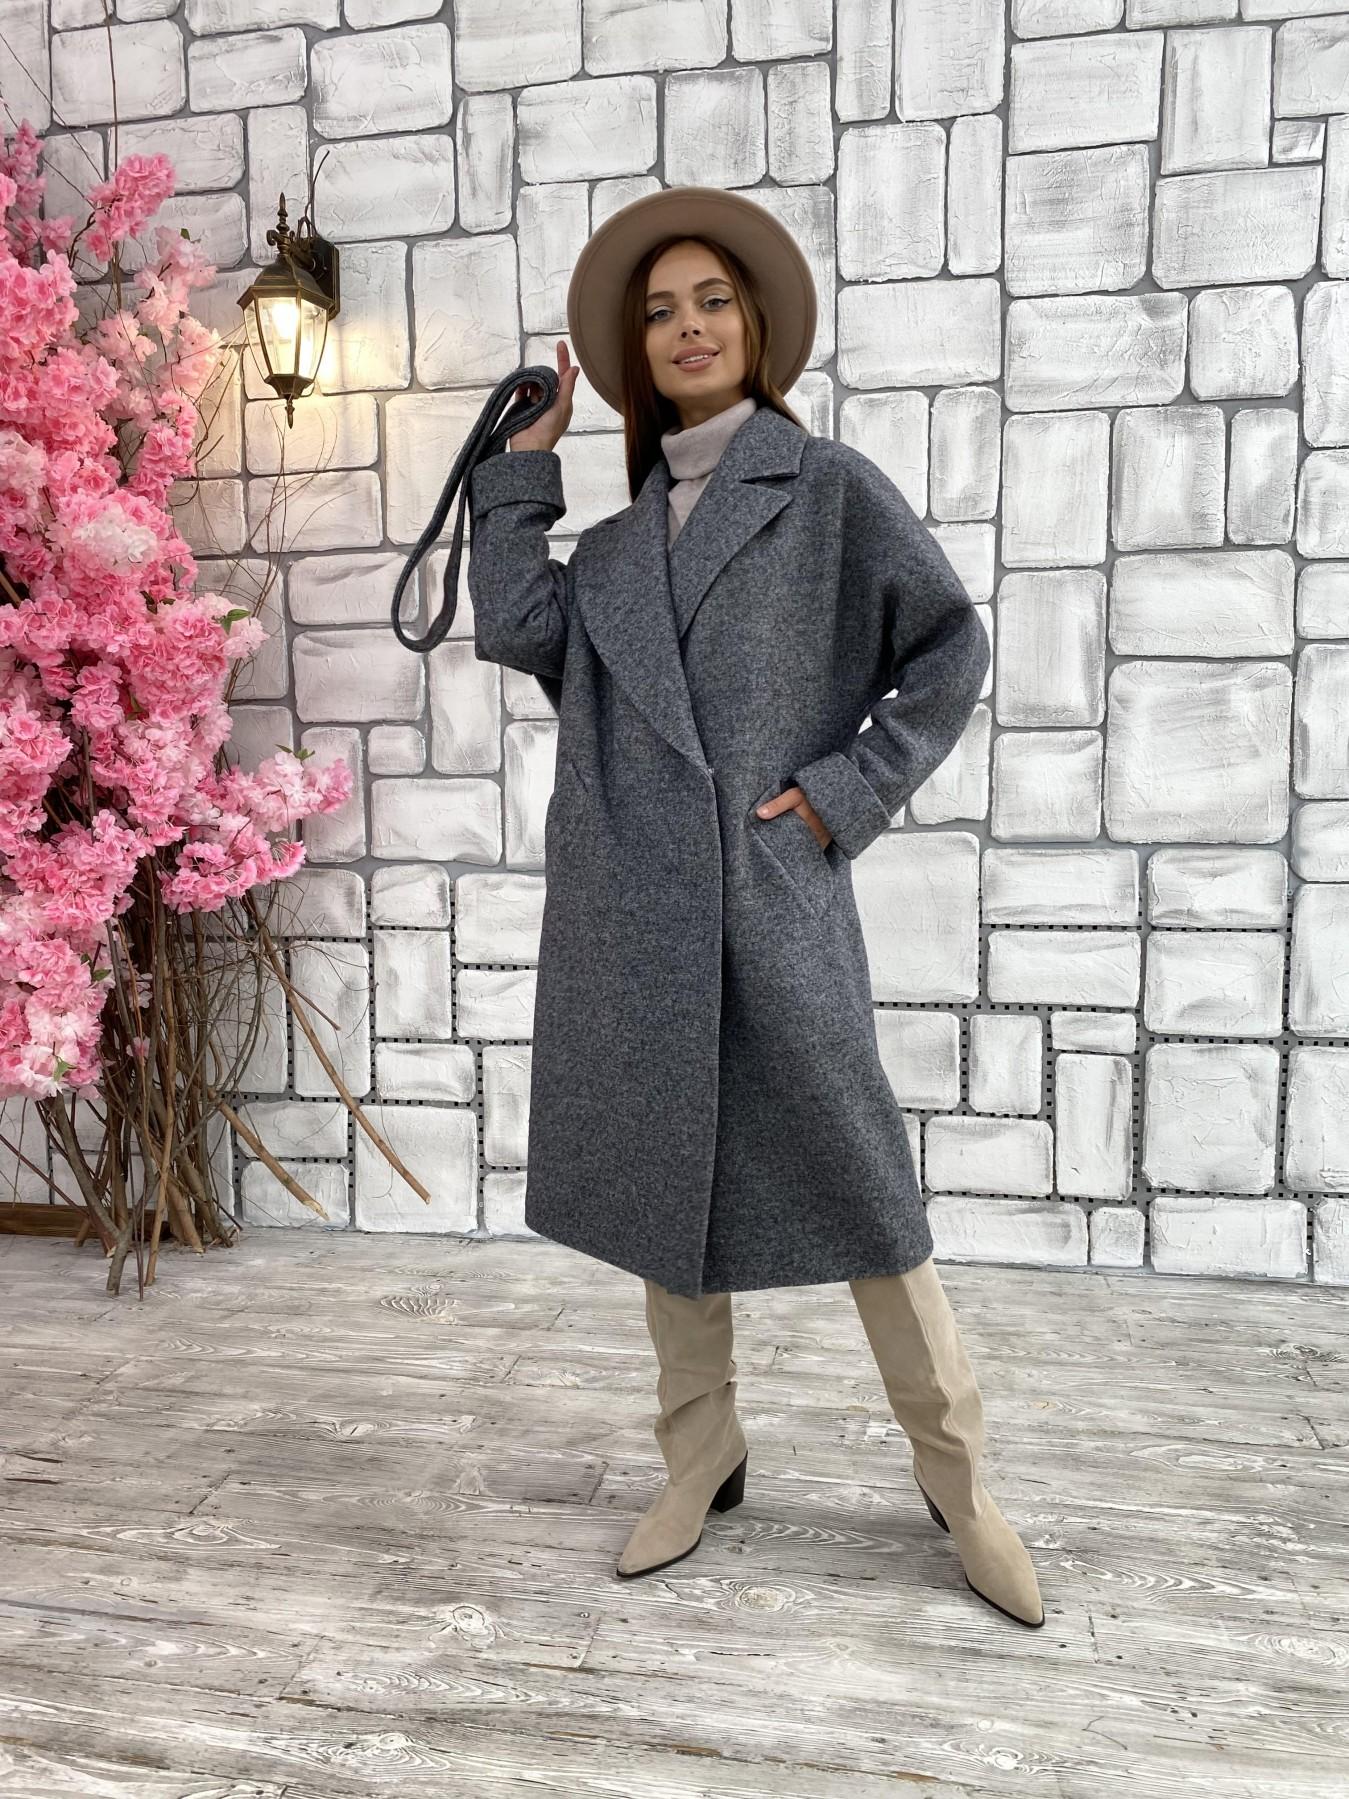 Влада шерсть варенка ткань пальто 11639 АРТ. 48351 Цвет: Серый темный 5 - фото 4, интернет магазин tm-modus.ru